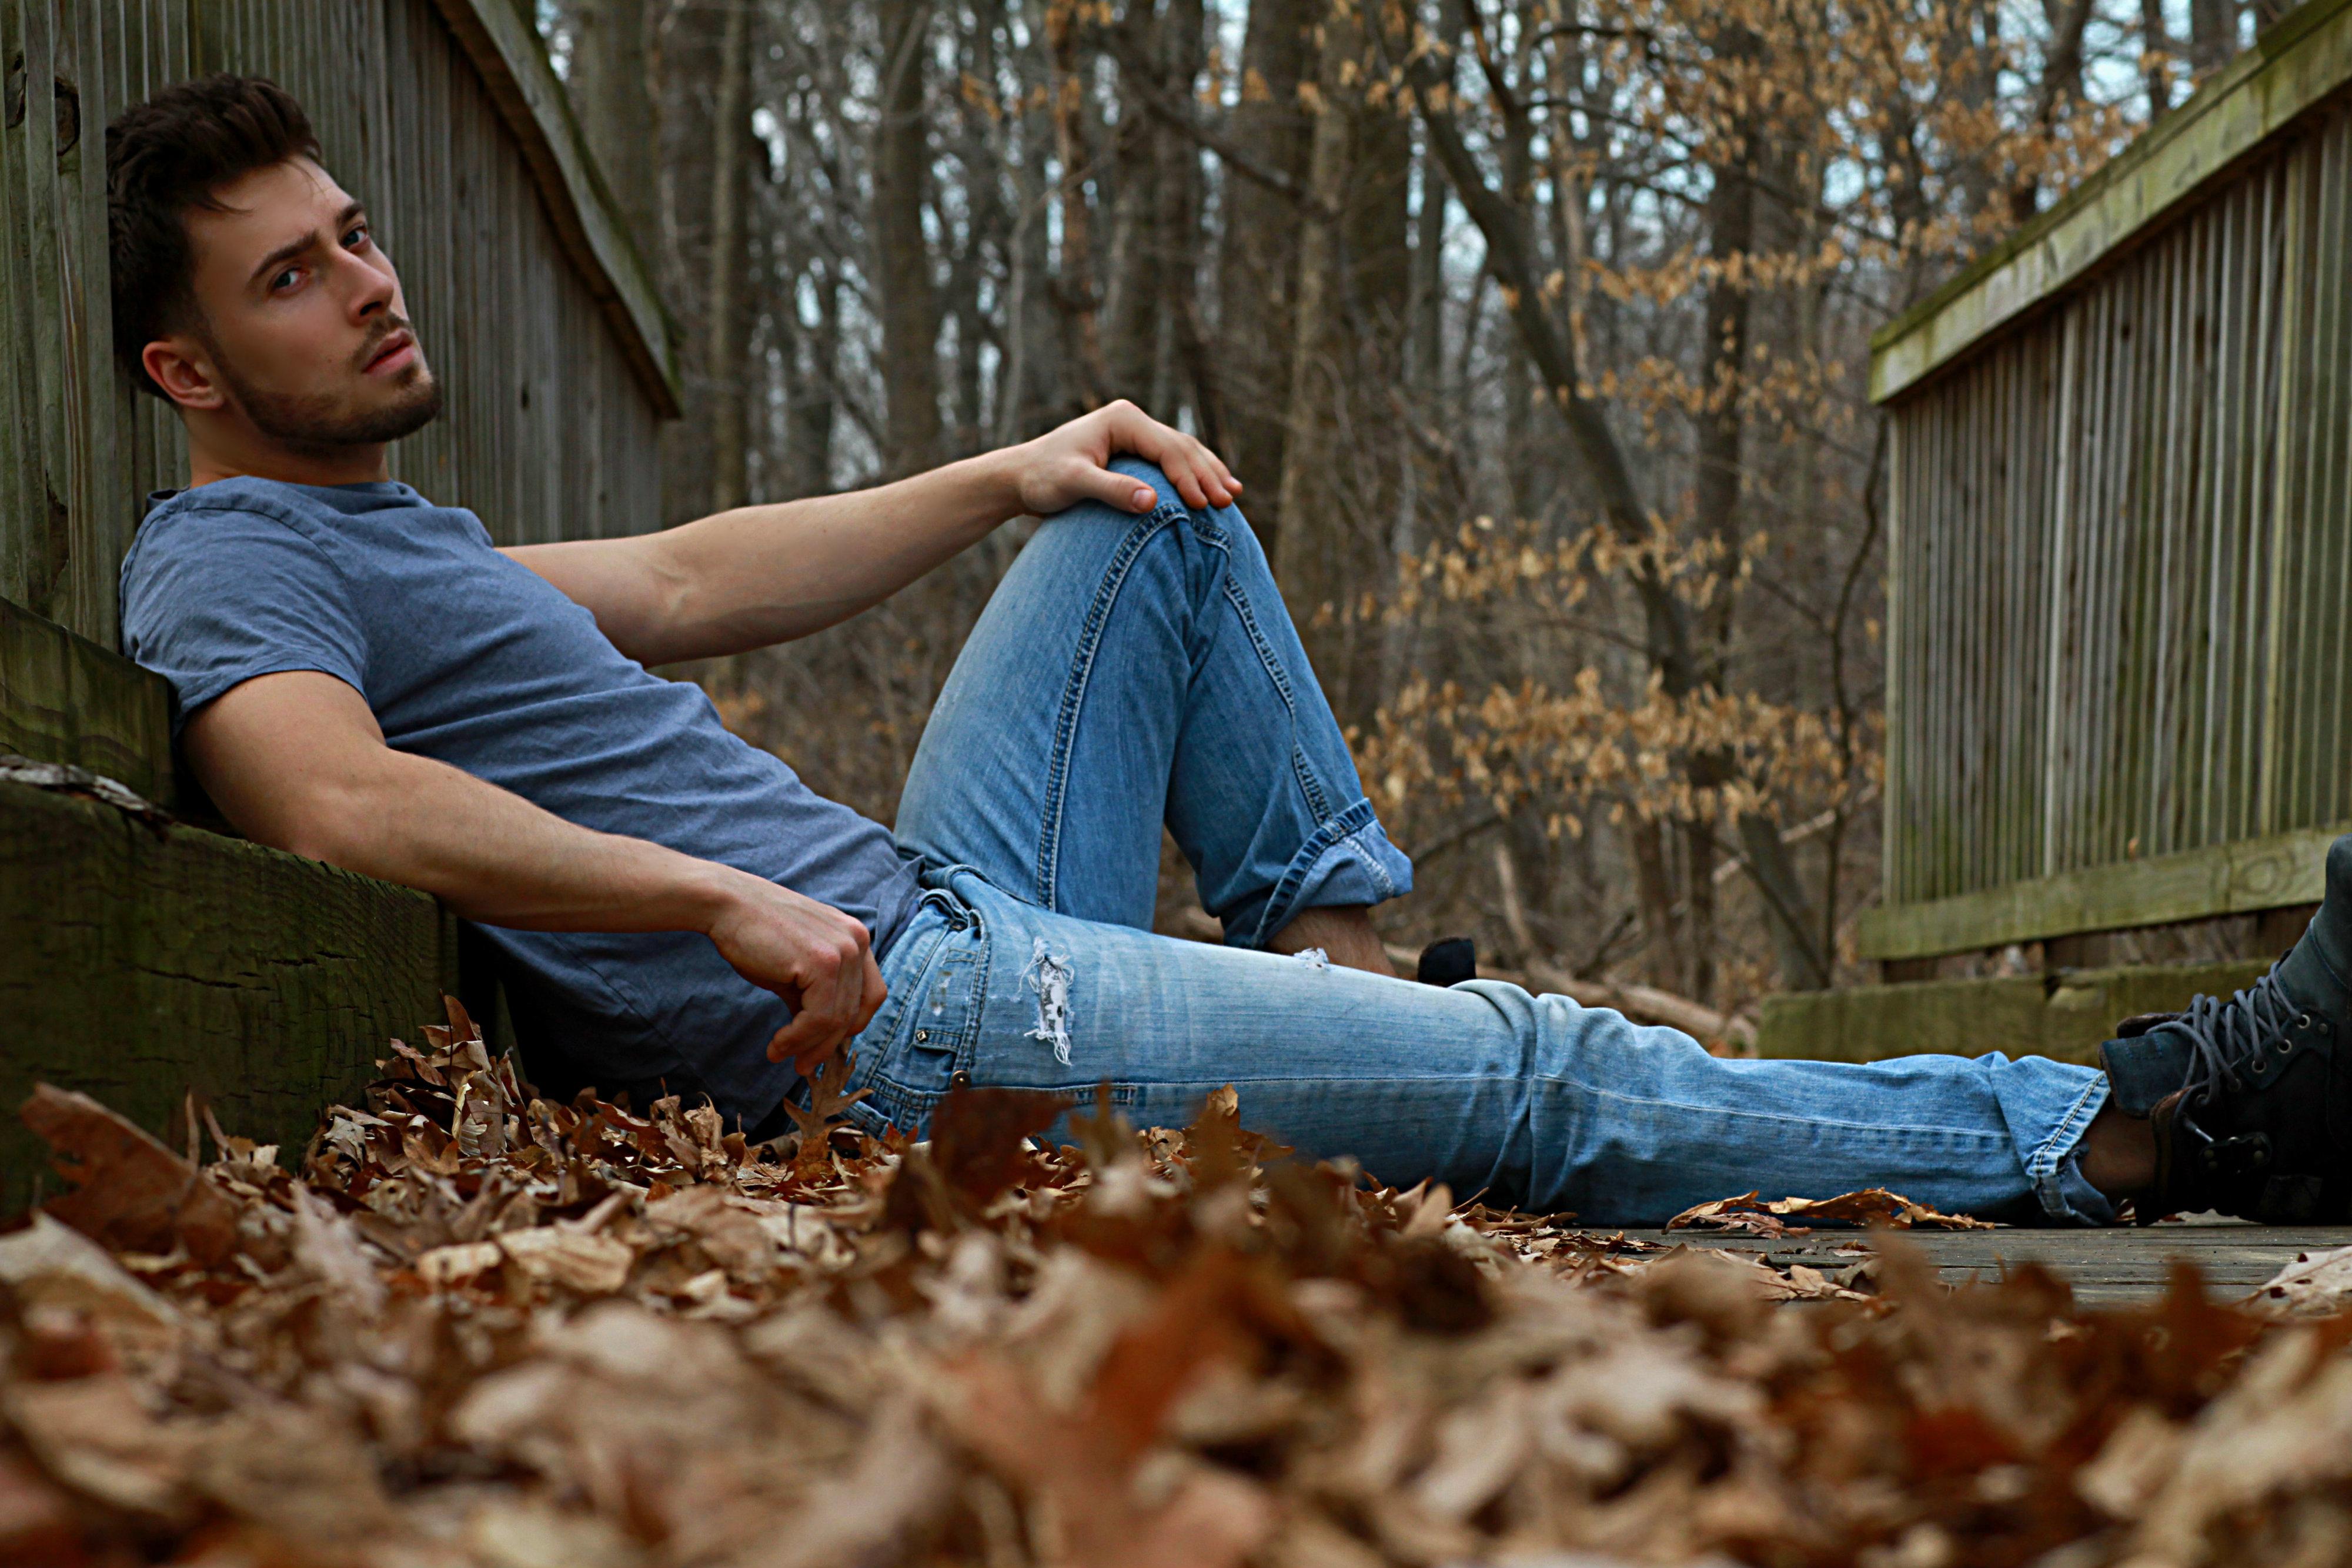 Картинка: Мужчина, парень, лицо, лежит, осень, листья, природа, отдых, ограждение